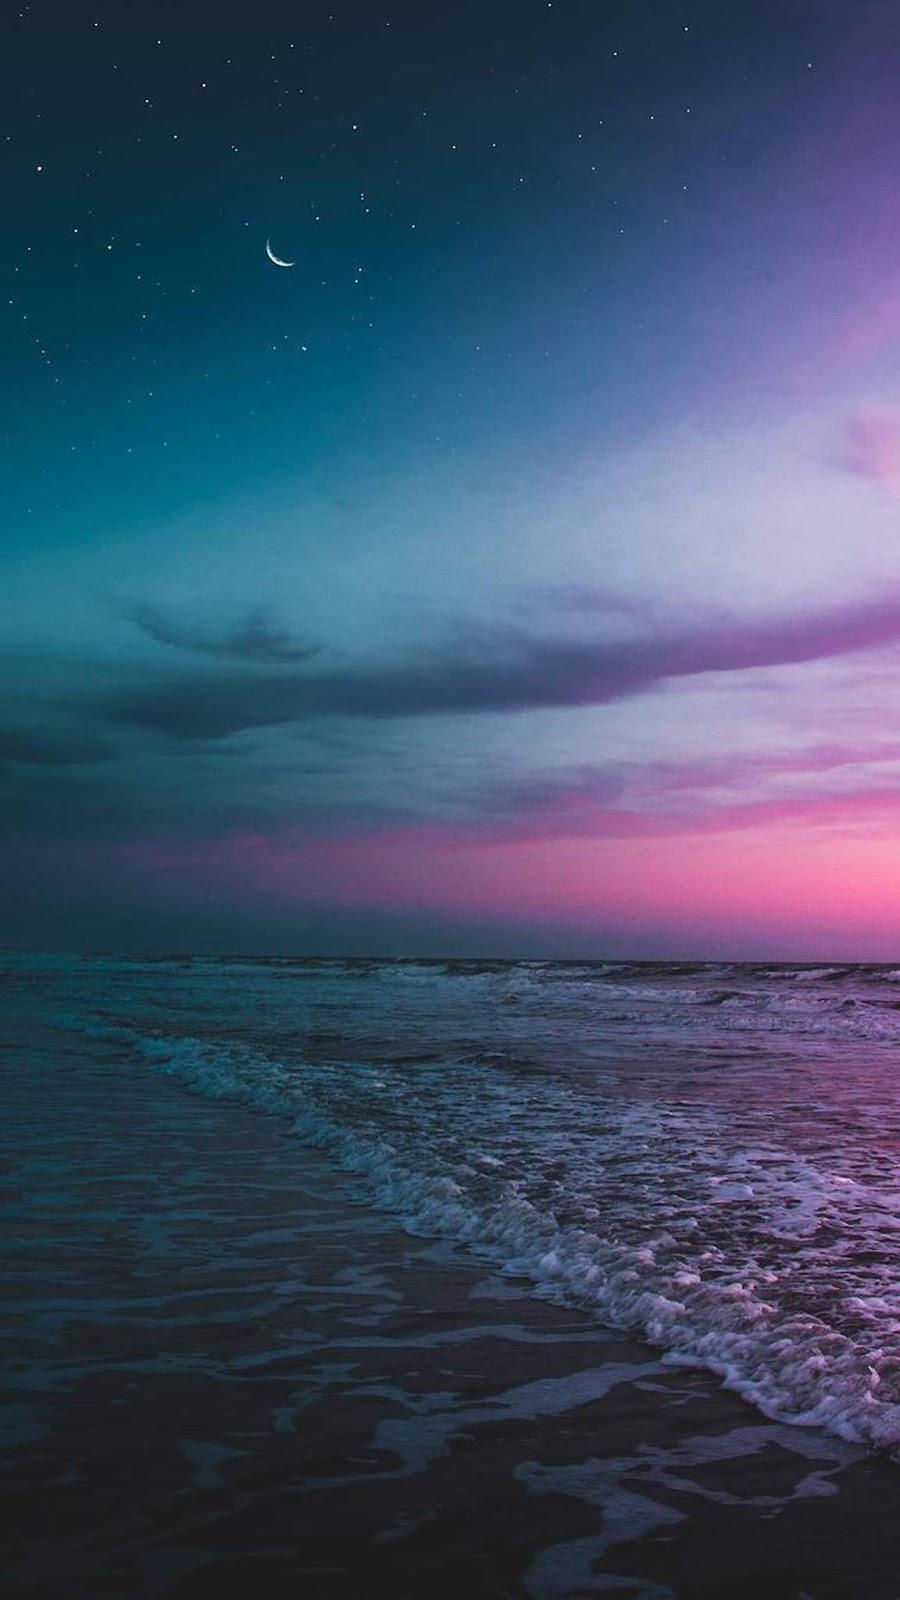 Beach the night sky